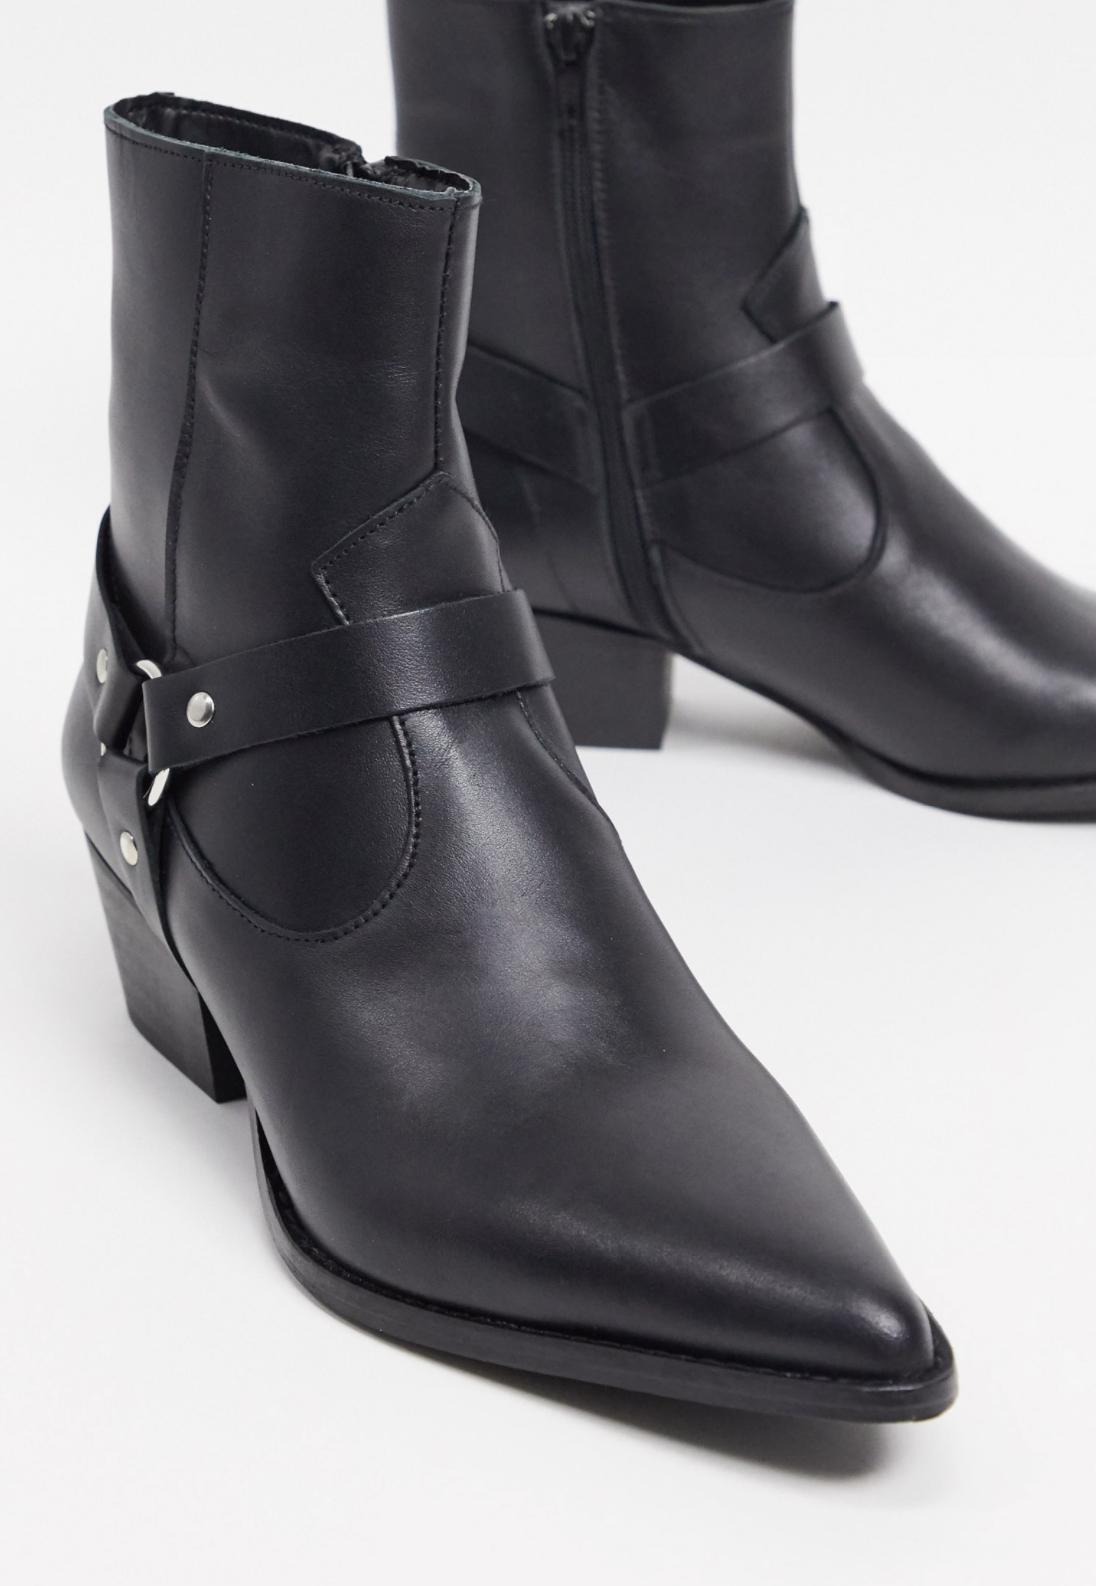 Botas estilo western de cuero con detalle de arnés en negro de Depp